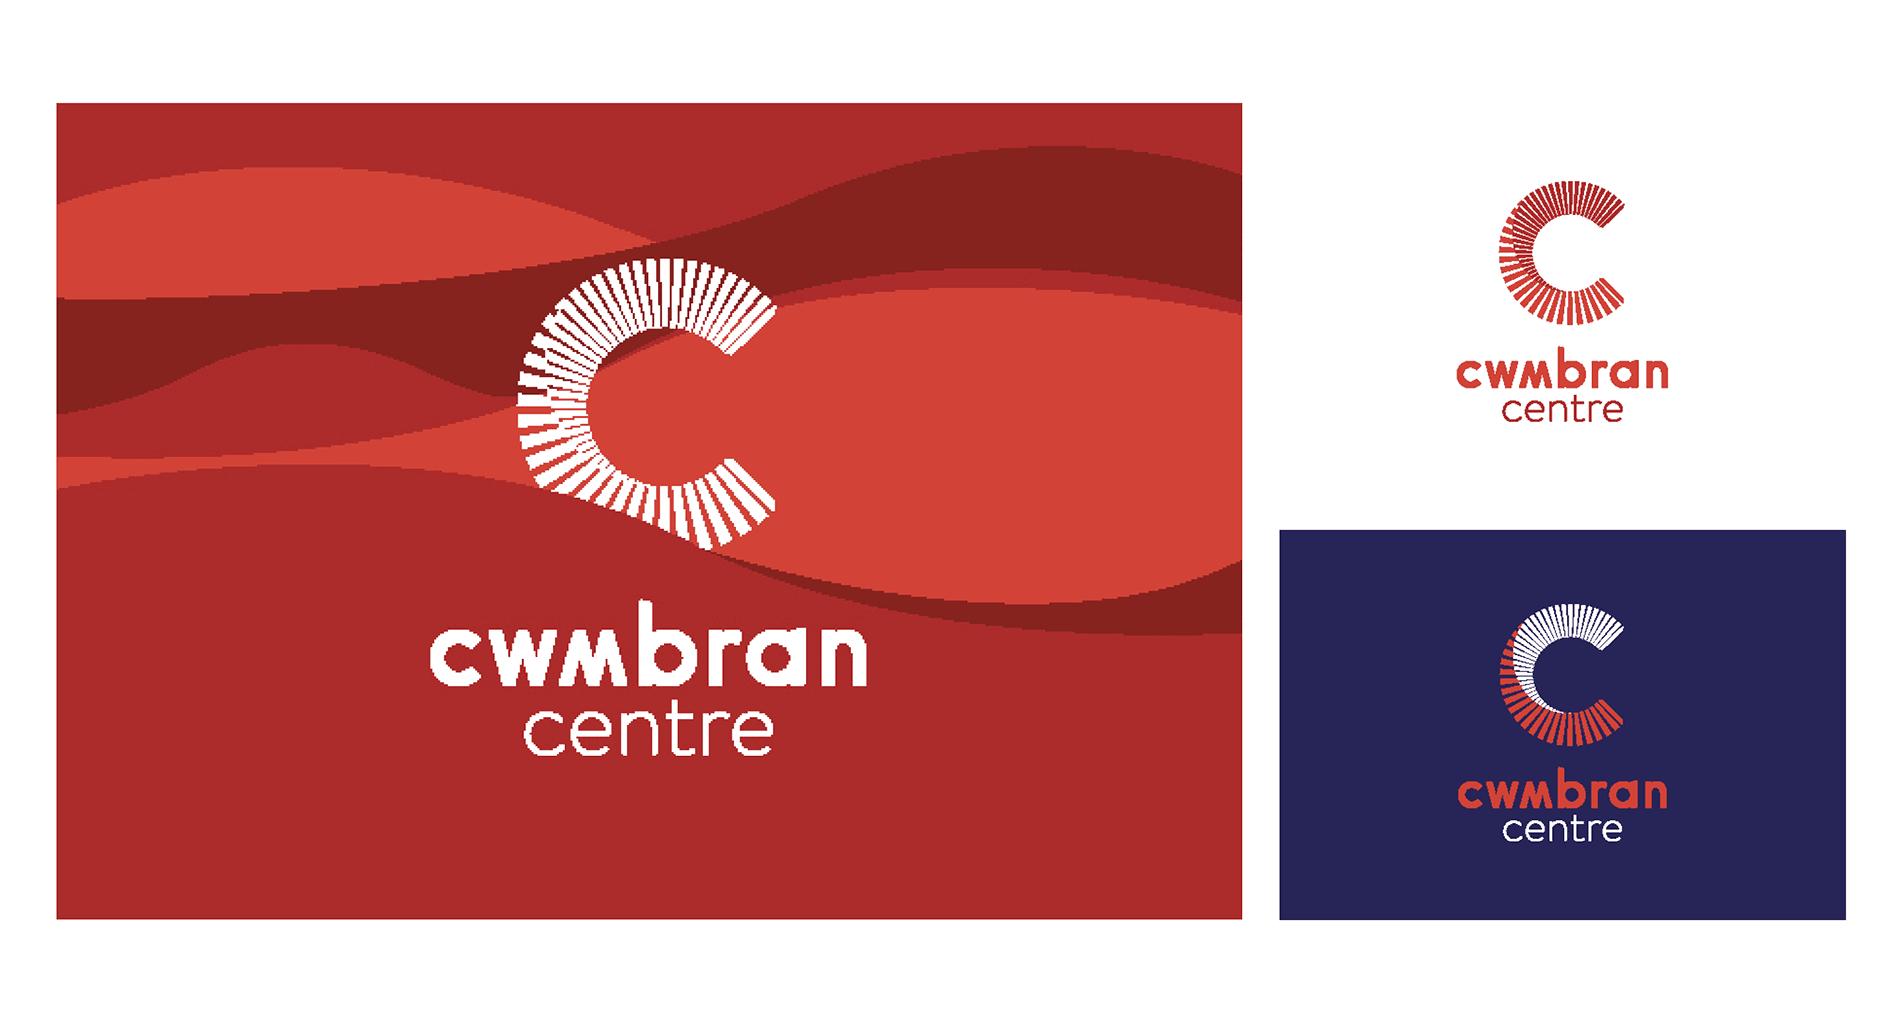 cwmbran centr